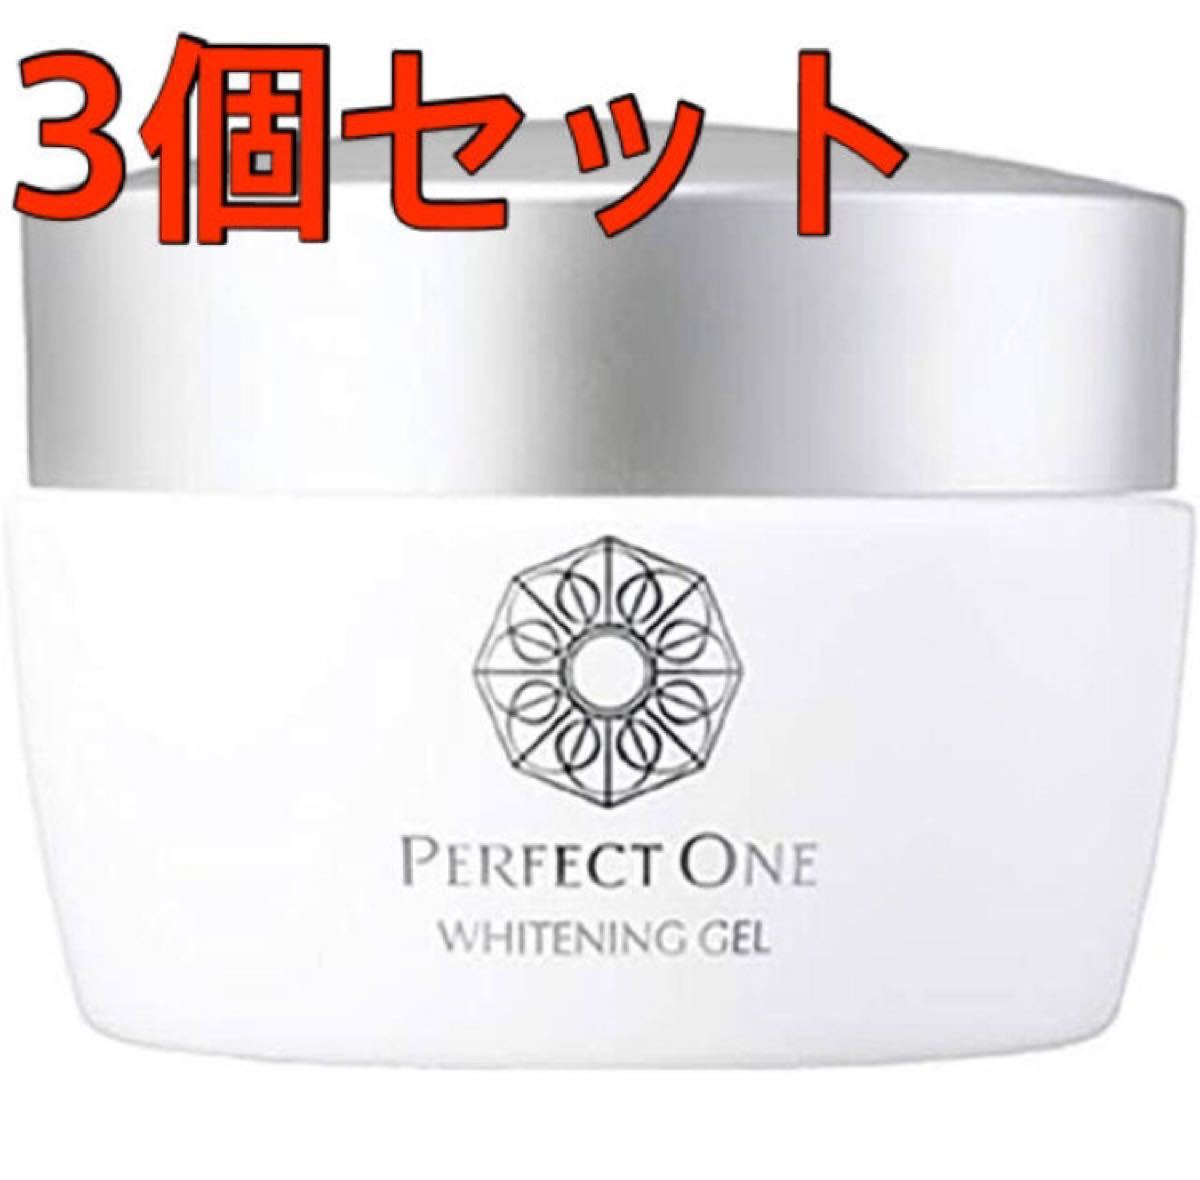 【新品未使用品】パーフェクトワン ホワイトニングジェル 3個セット